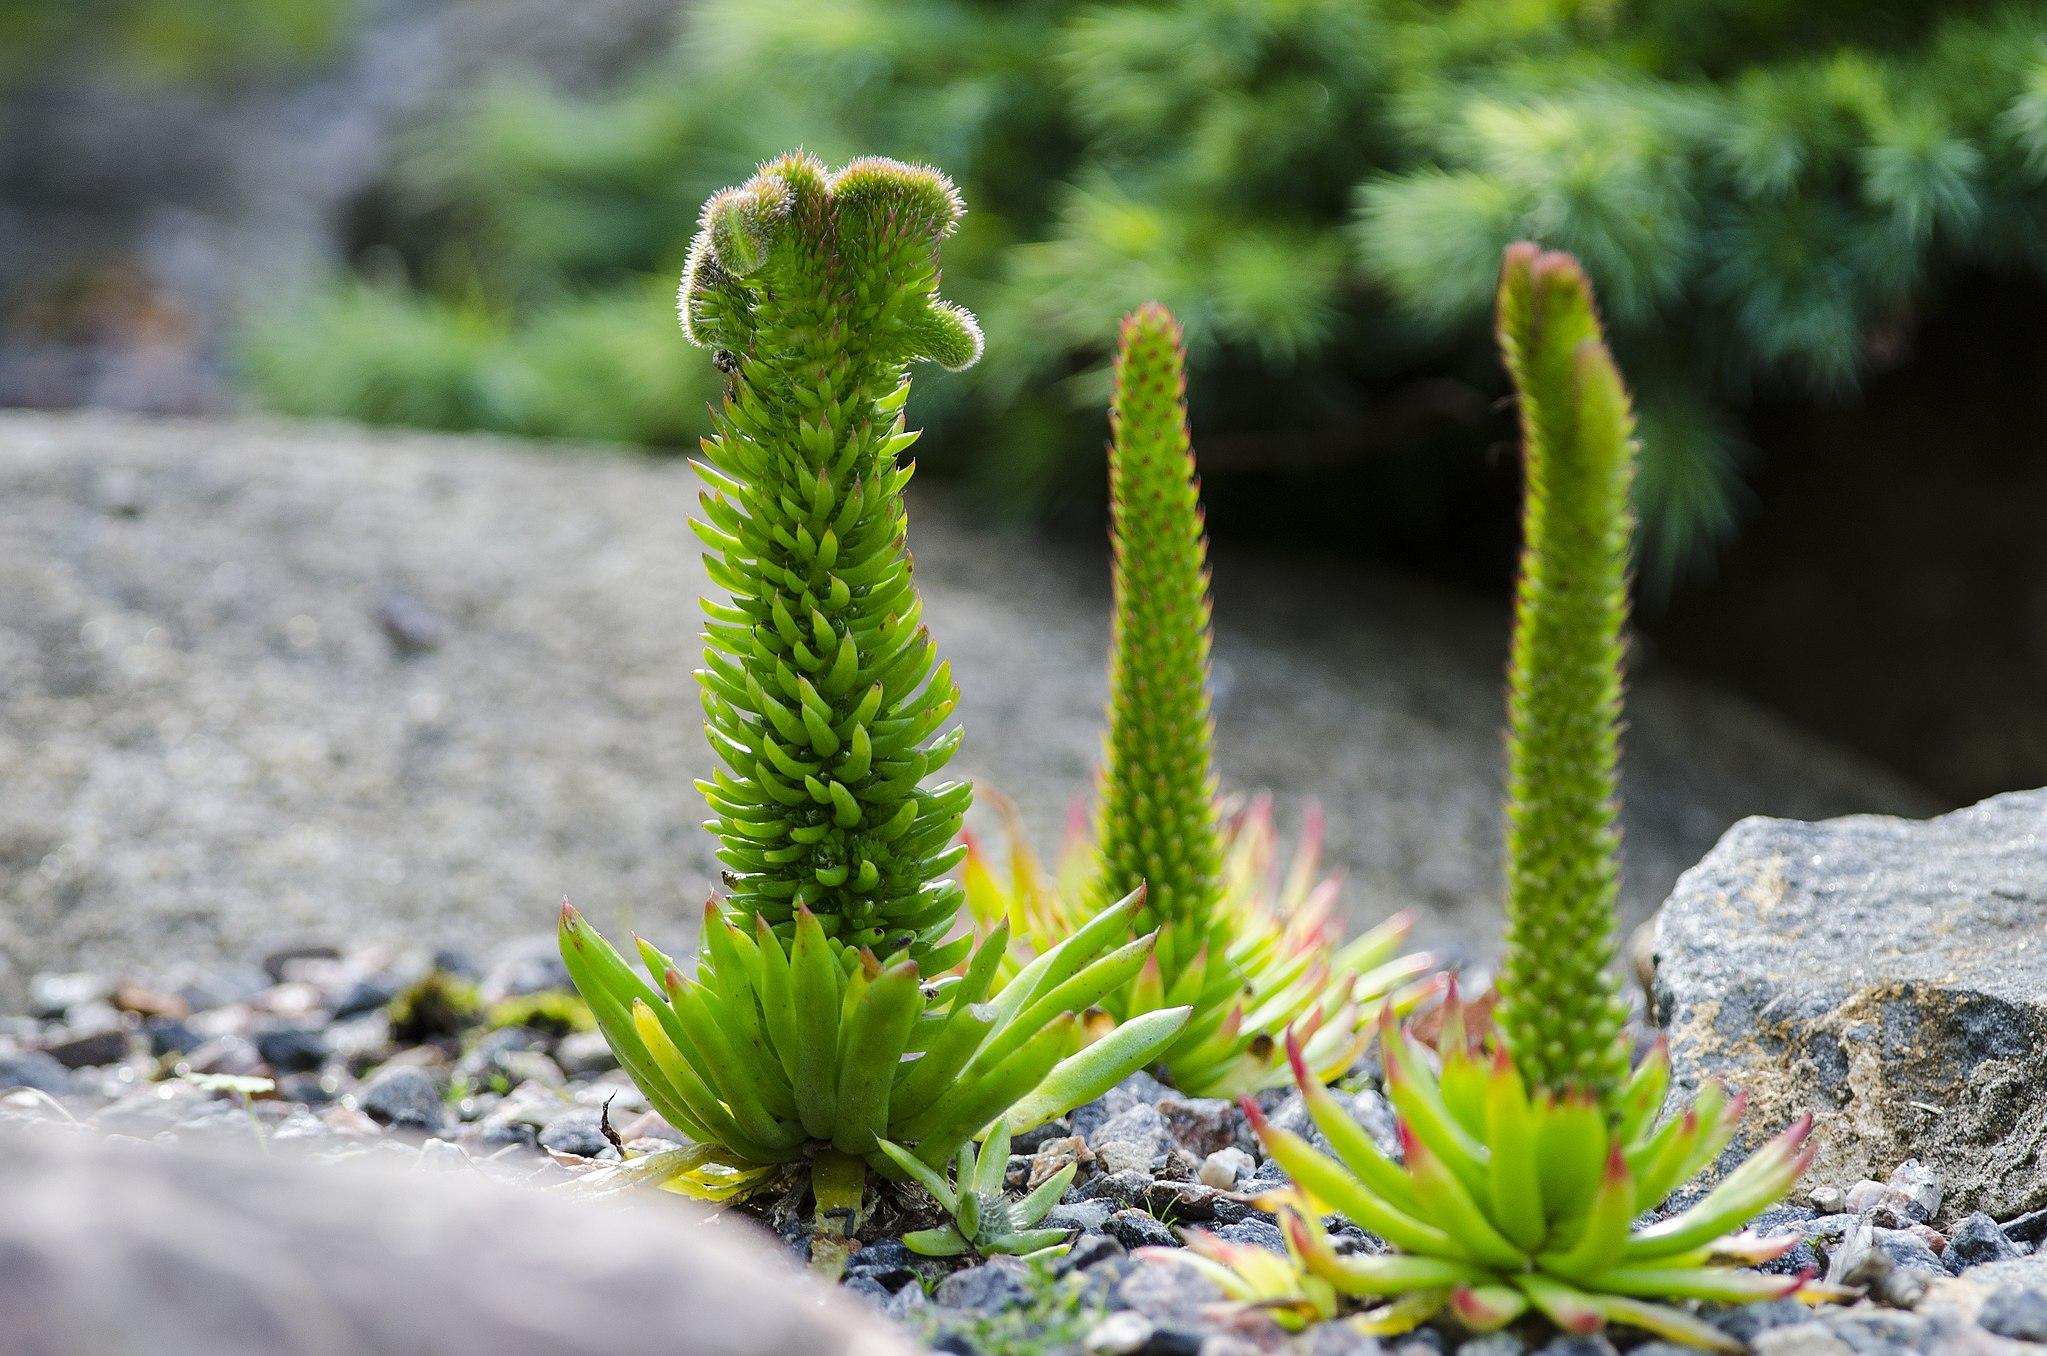 Mägitähk, rock pine, Orostachys japonica - Karl Müürsepp, CC BY-SA 4.0, via Wikimedia Commons